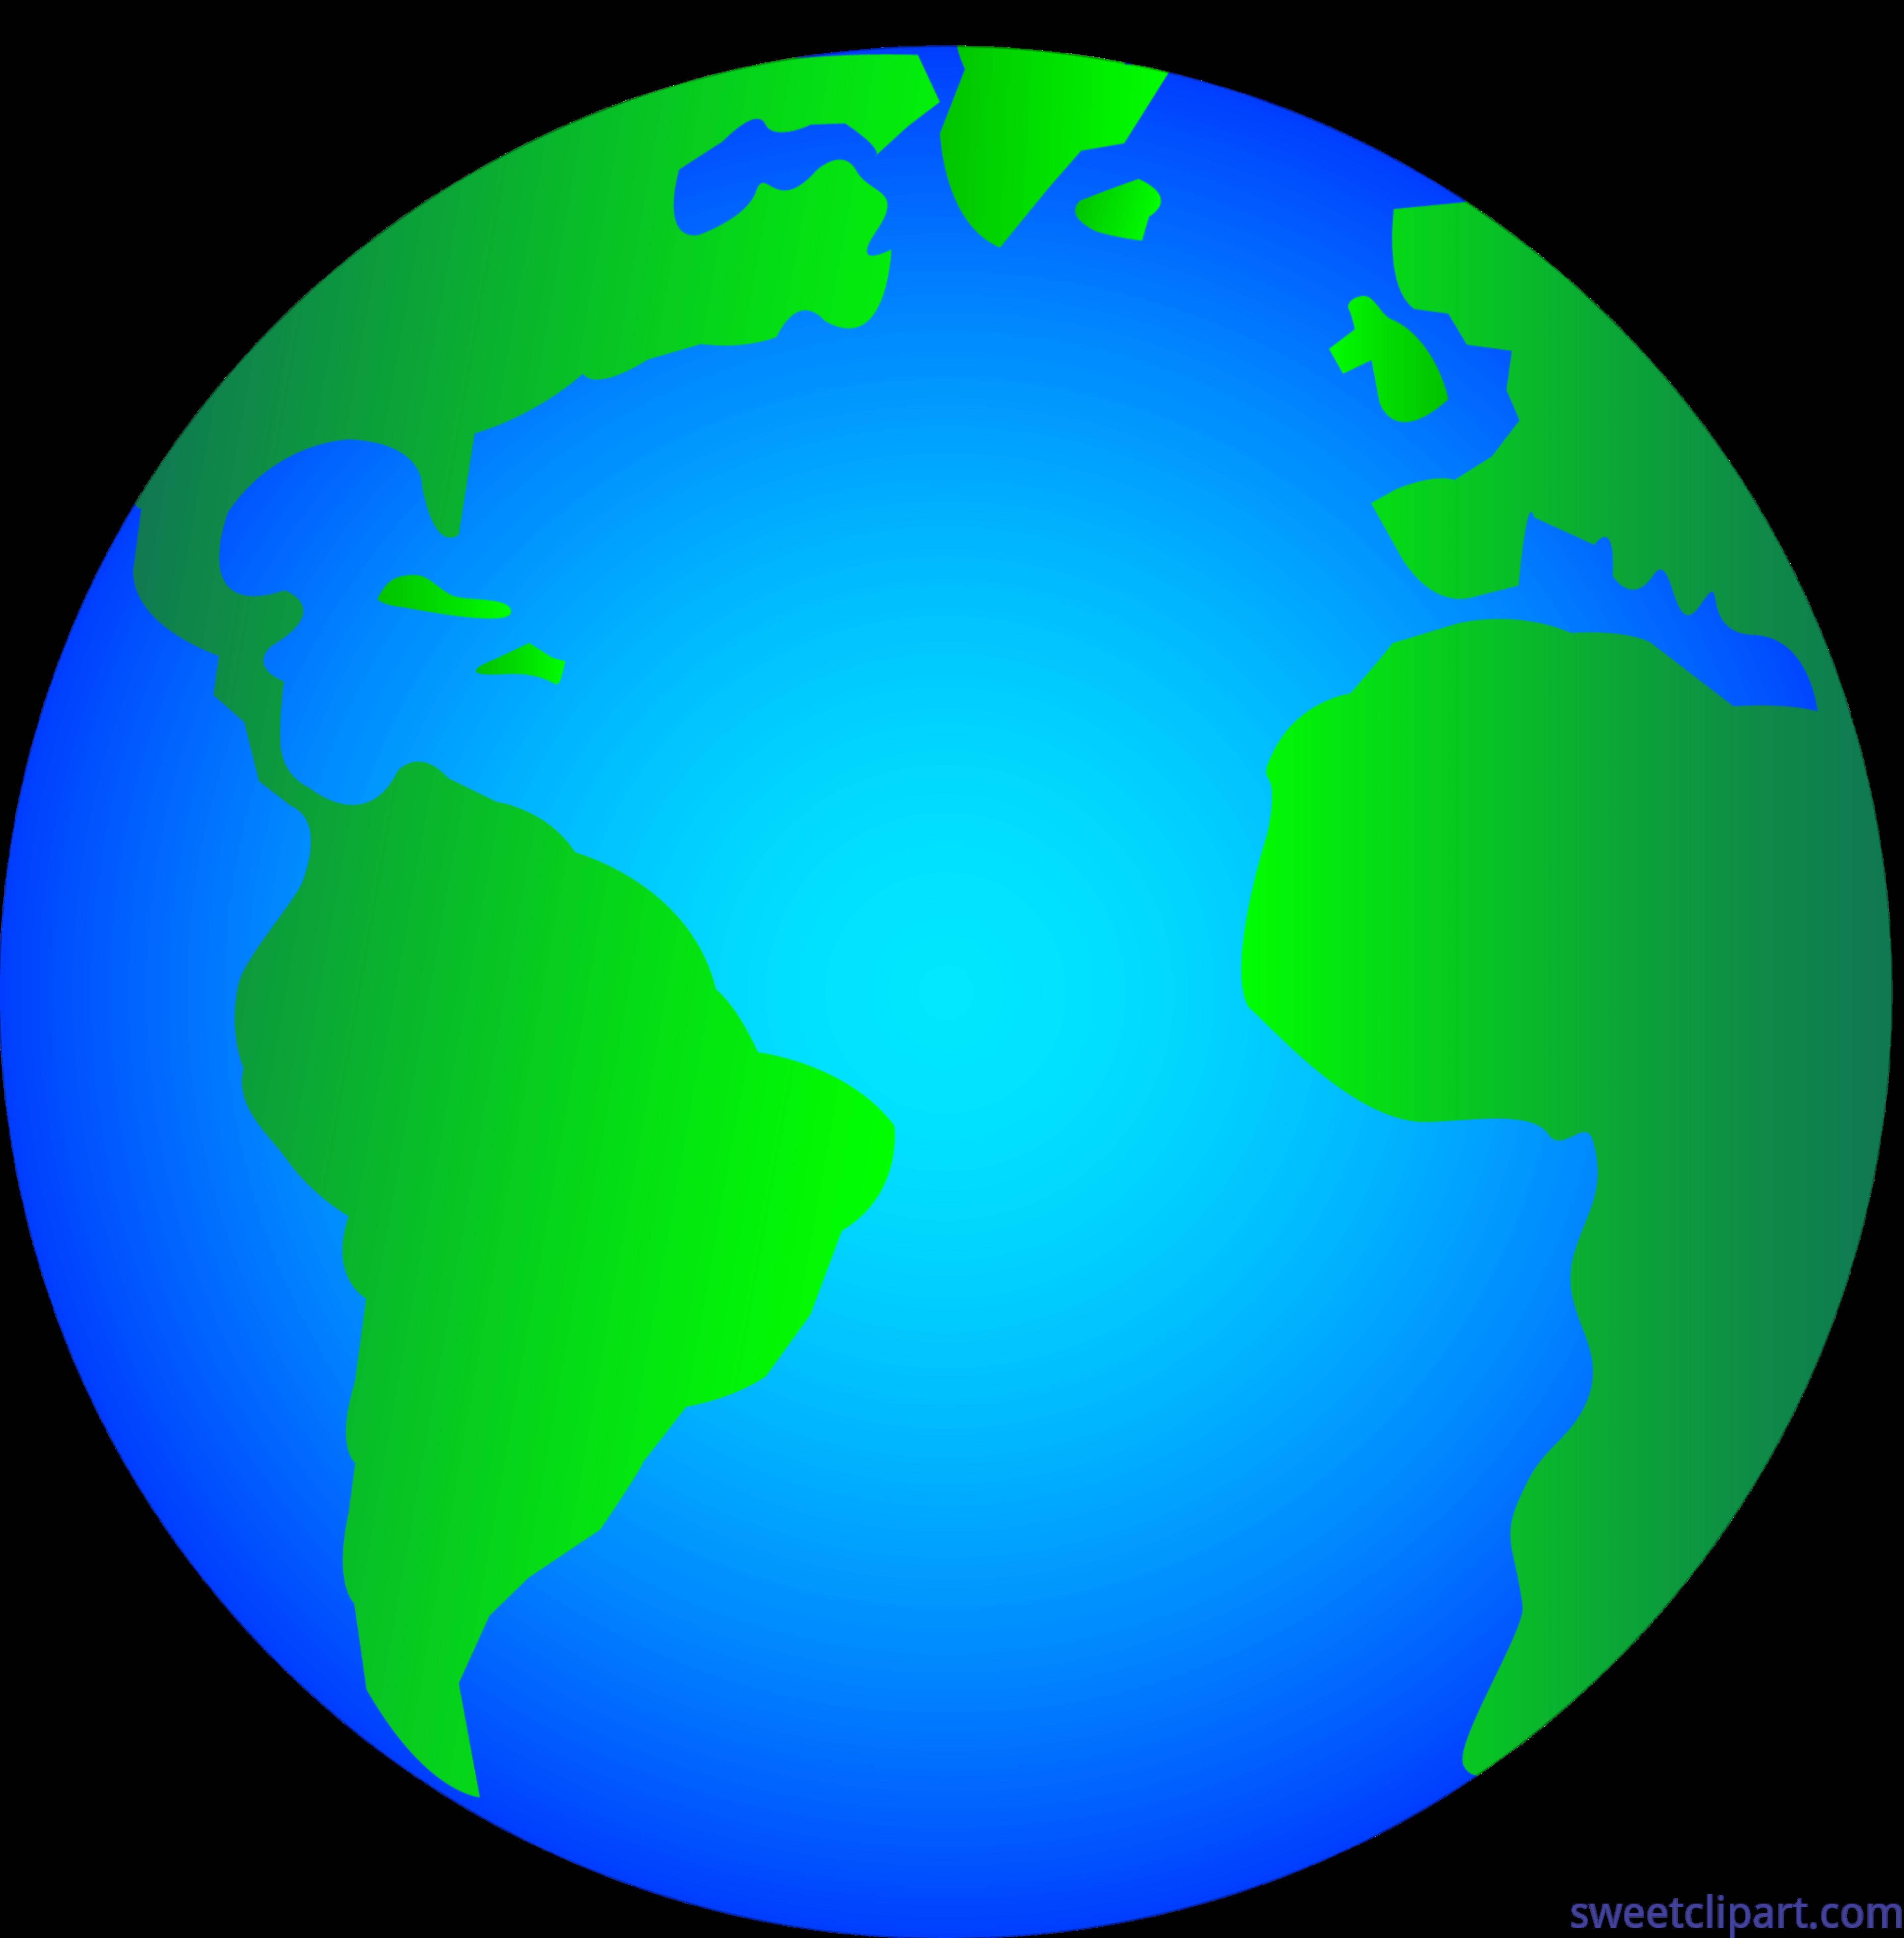 Heart shaped earth clipart jpg transparent stock Shiny Glossy Earth Logo Clip Art - Sweet Clip Art jpg transparent stock